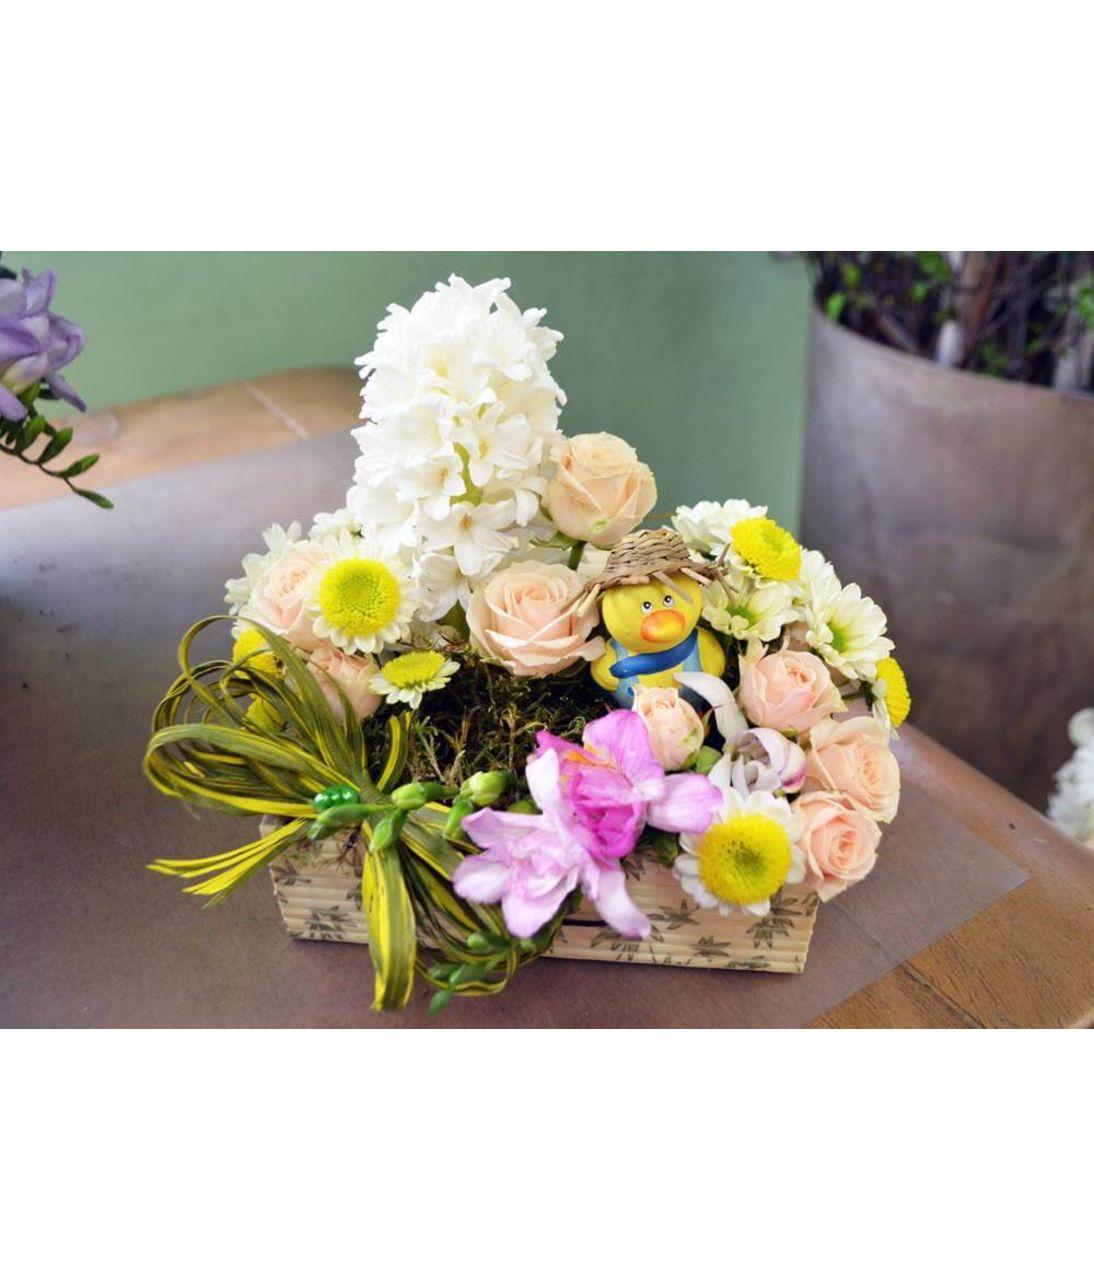 """Корзина цветов """"Ярче солнца"""". Superflowers.com.ua"""